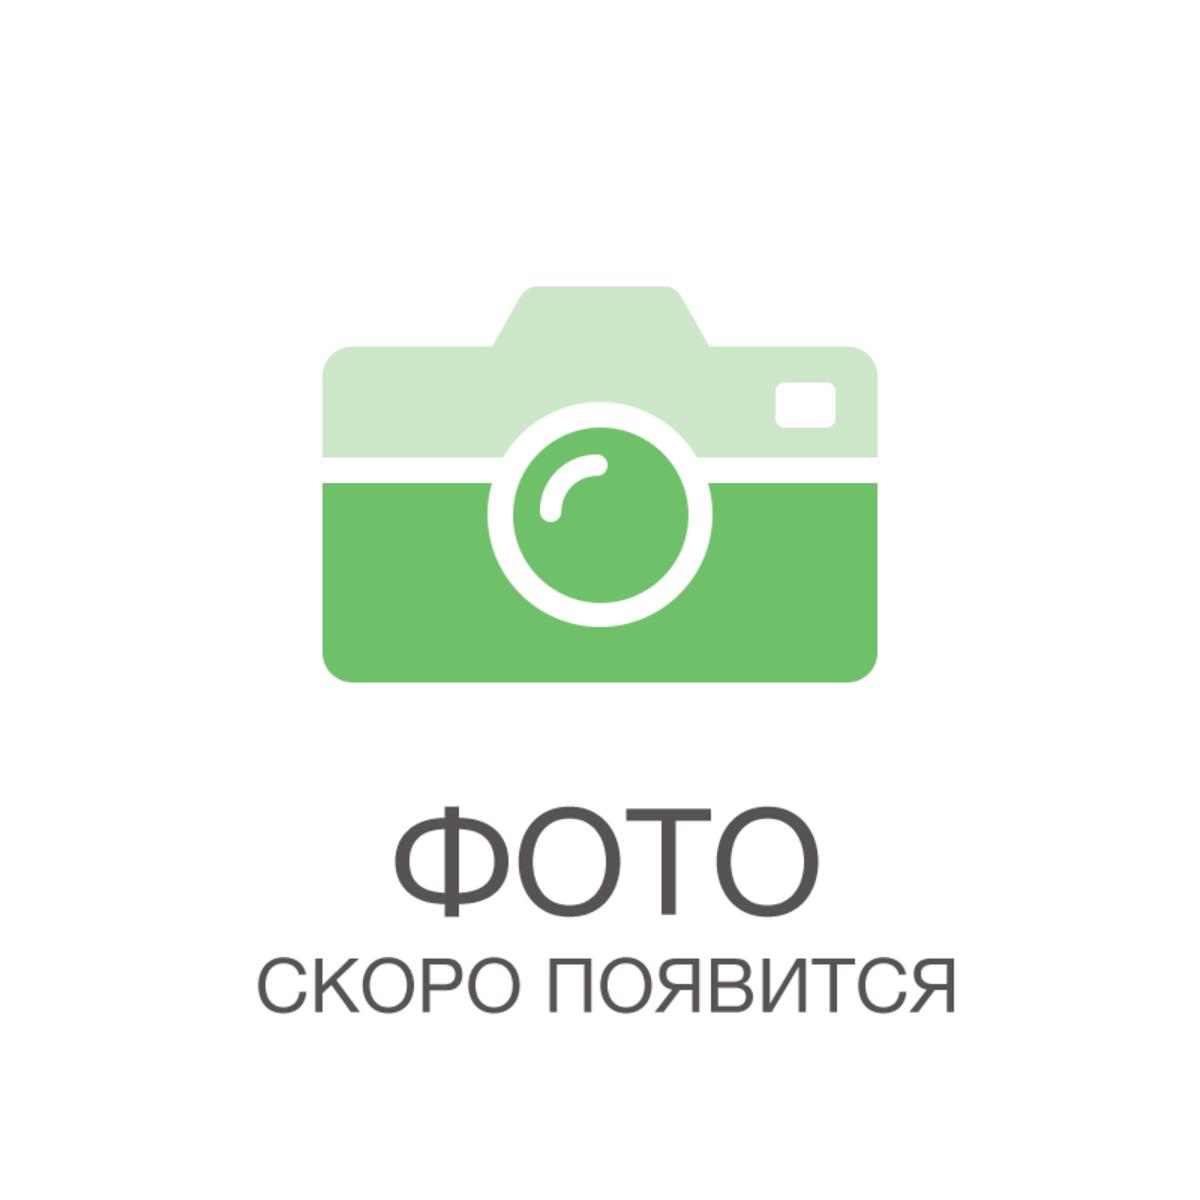 Плитка настенная Artens Вега 25х40 см 1.1 м² цвет белый матовый